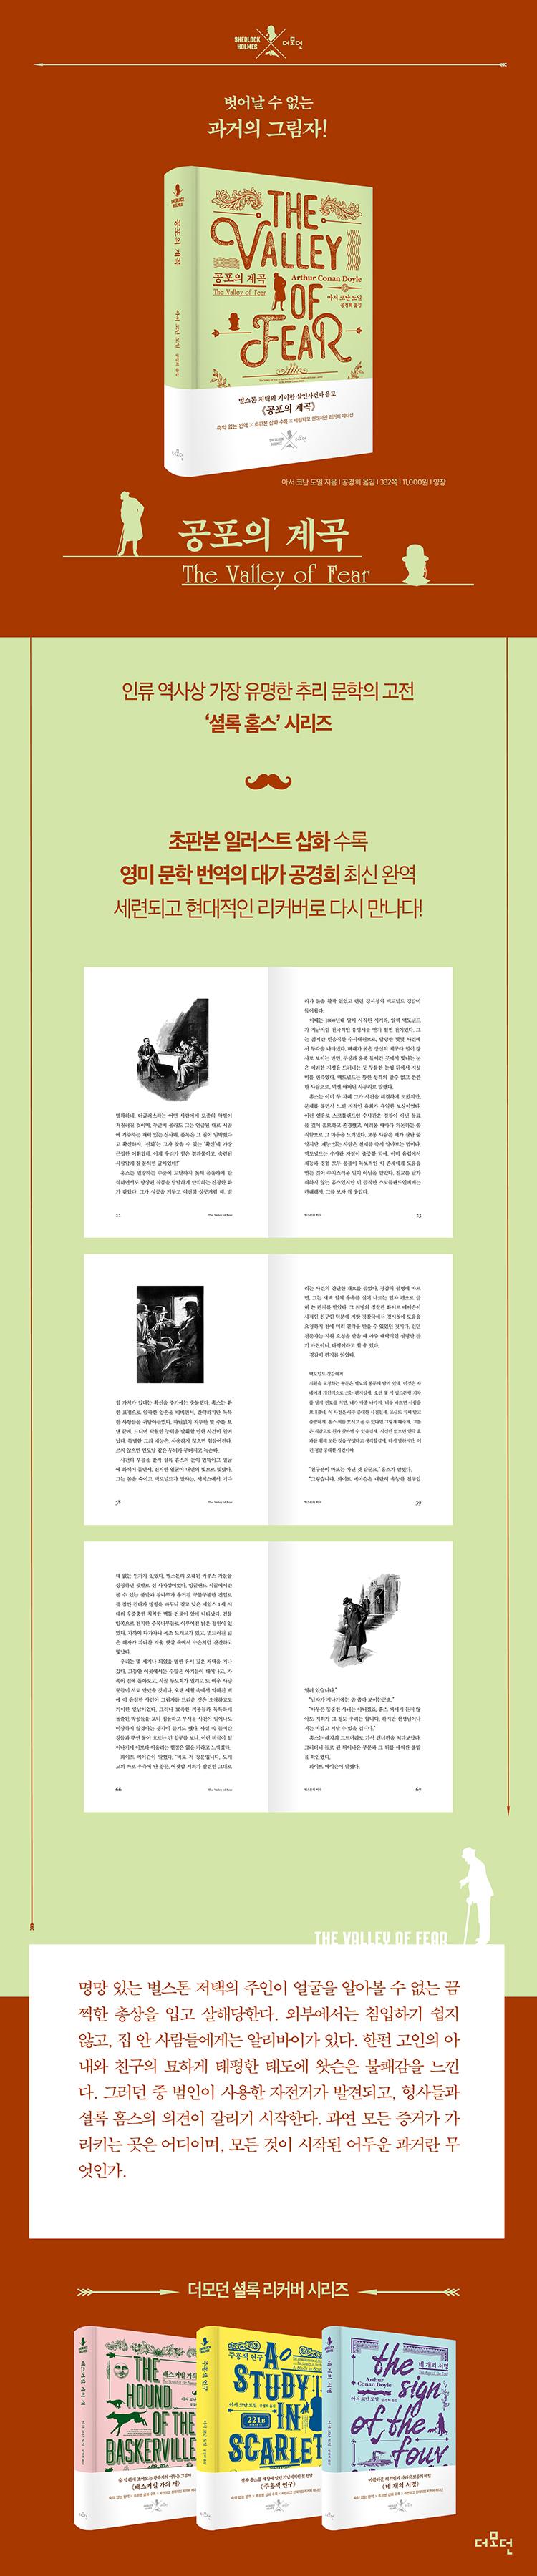 공포의 계곡(리커버)(양장본 HardCover) 도서 상세이미지